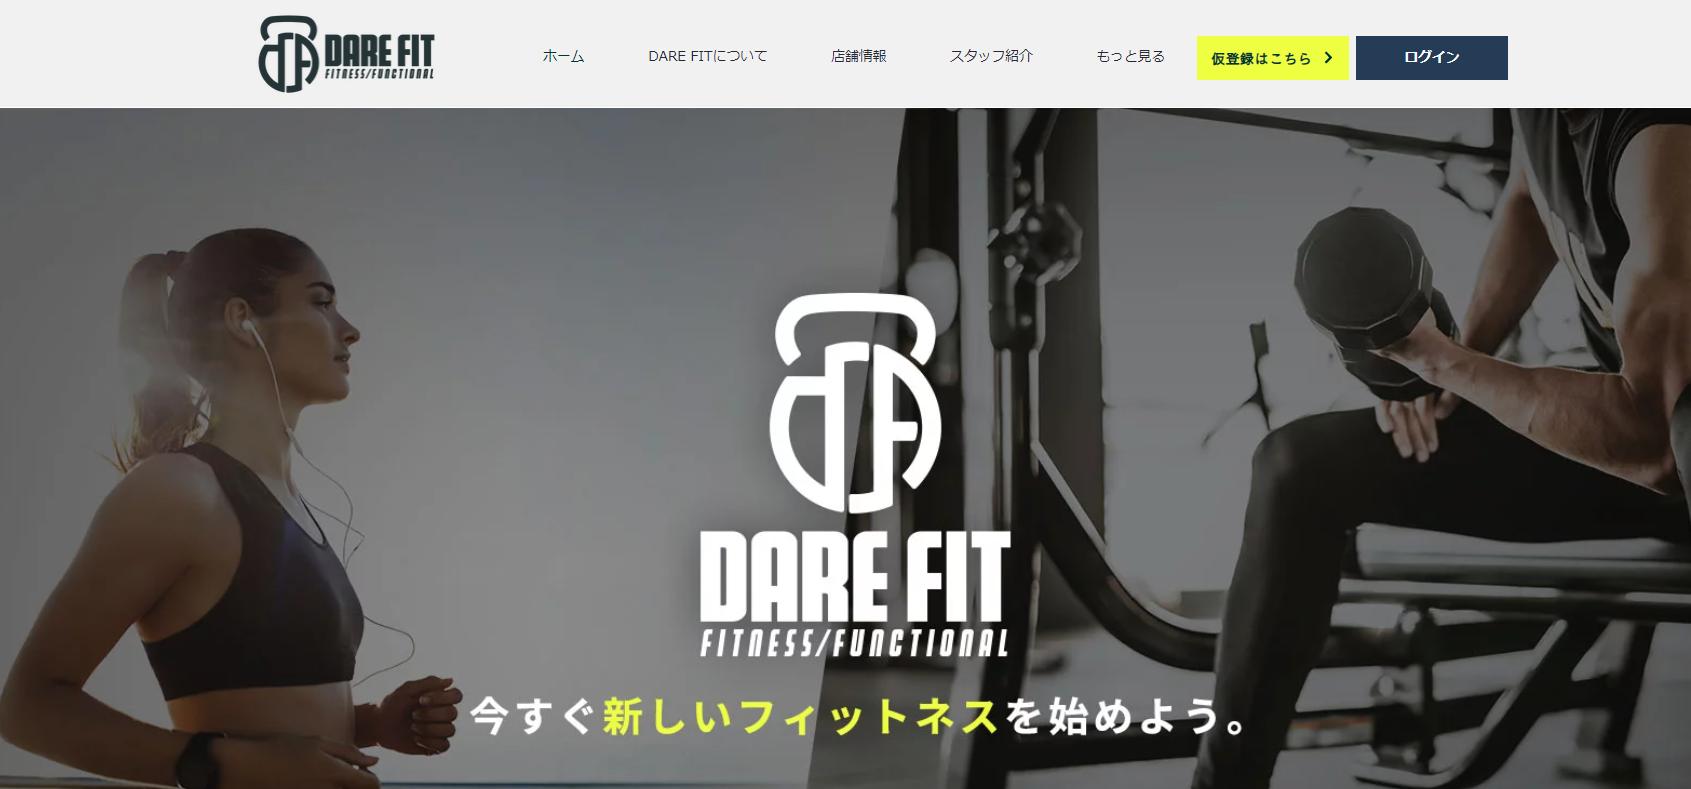 DARE FIT(デアフィット)横須賀中央